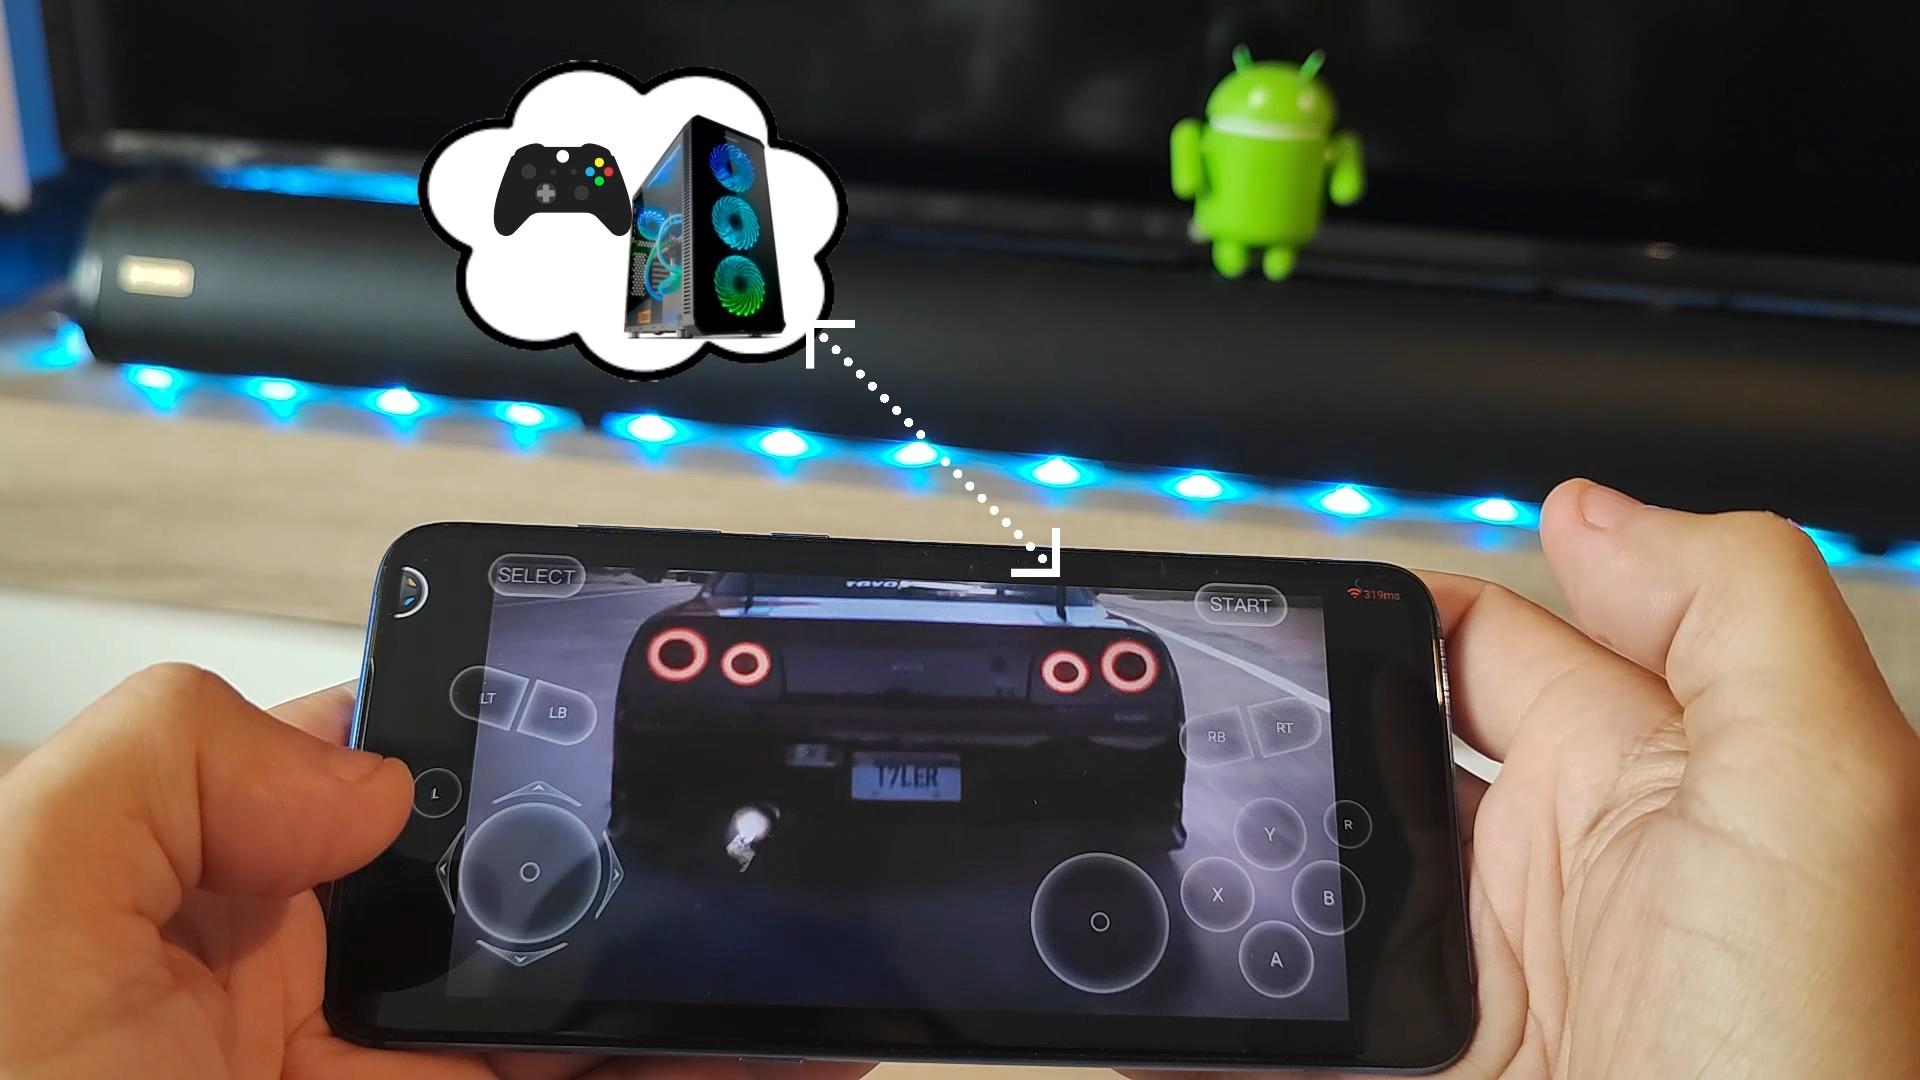 juegos en play station en android